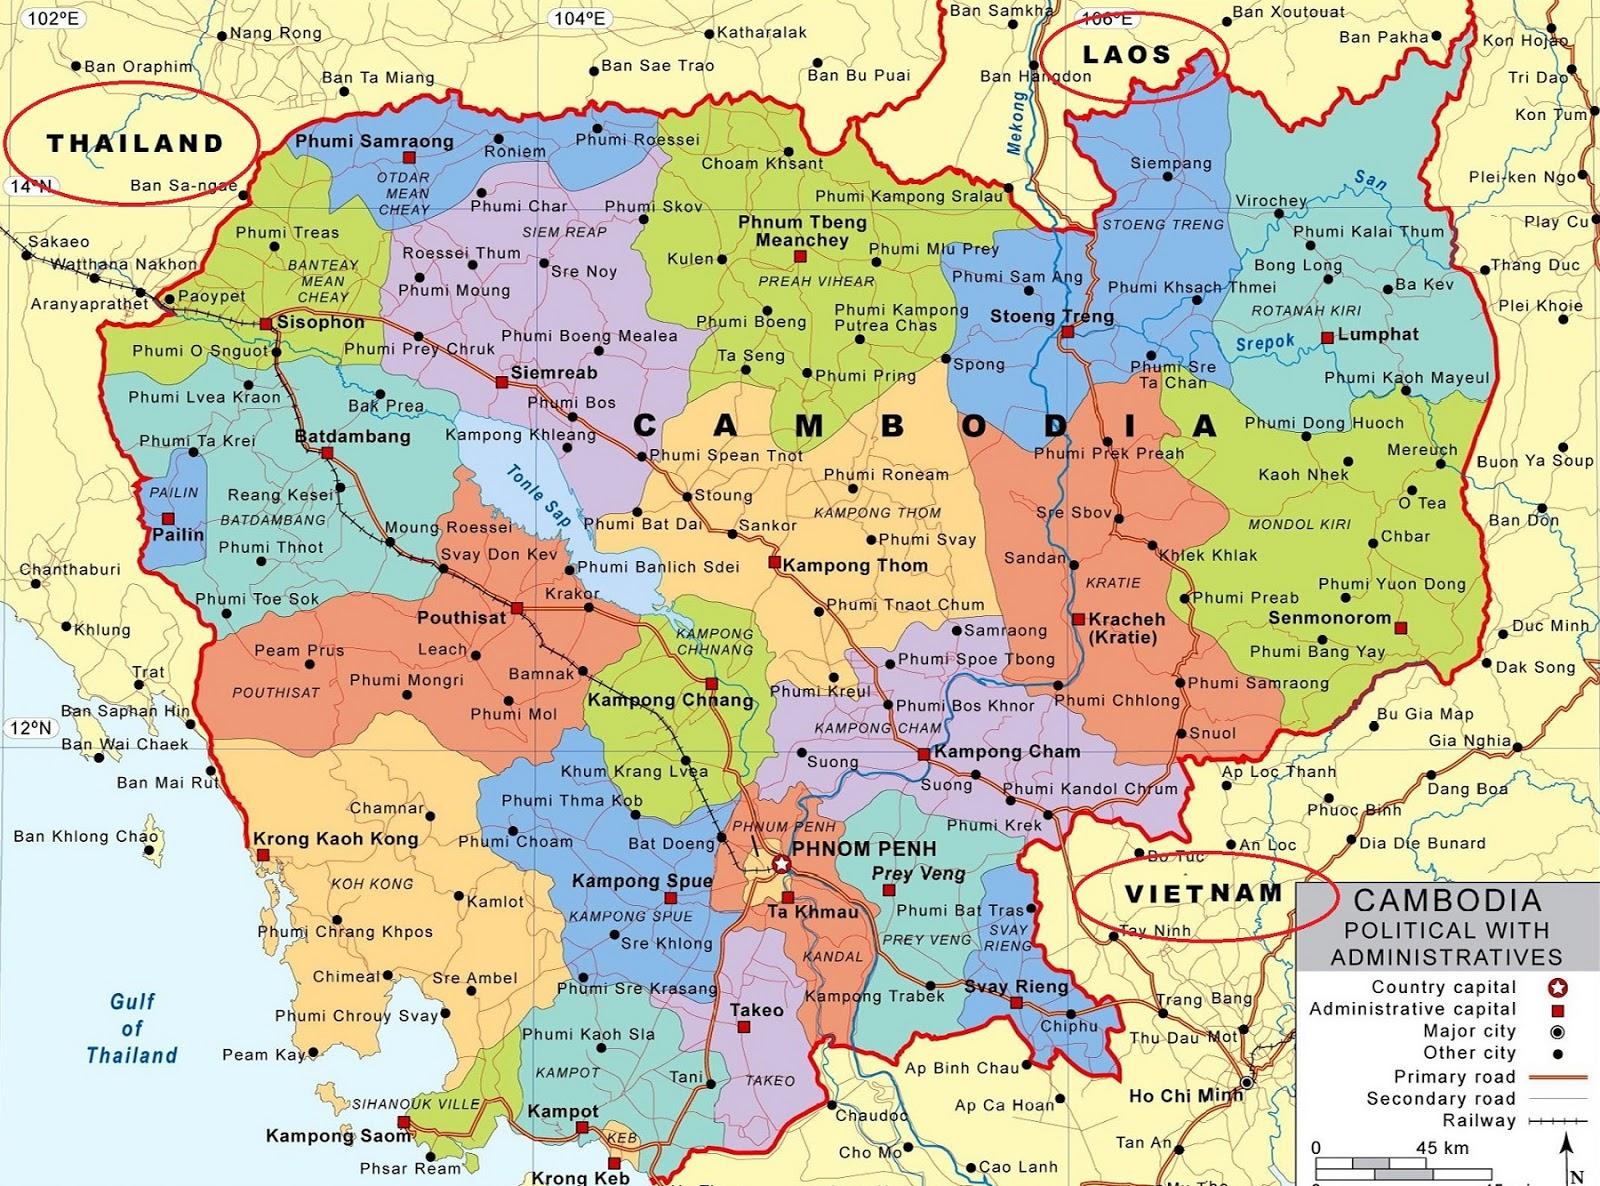 Peta Negara Kamboja Gambar HD